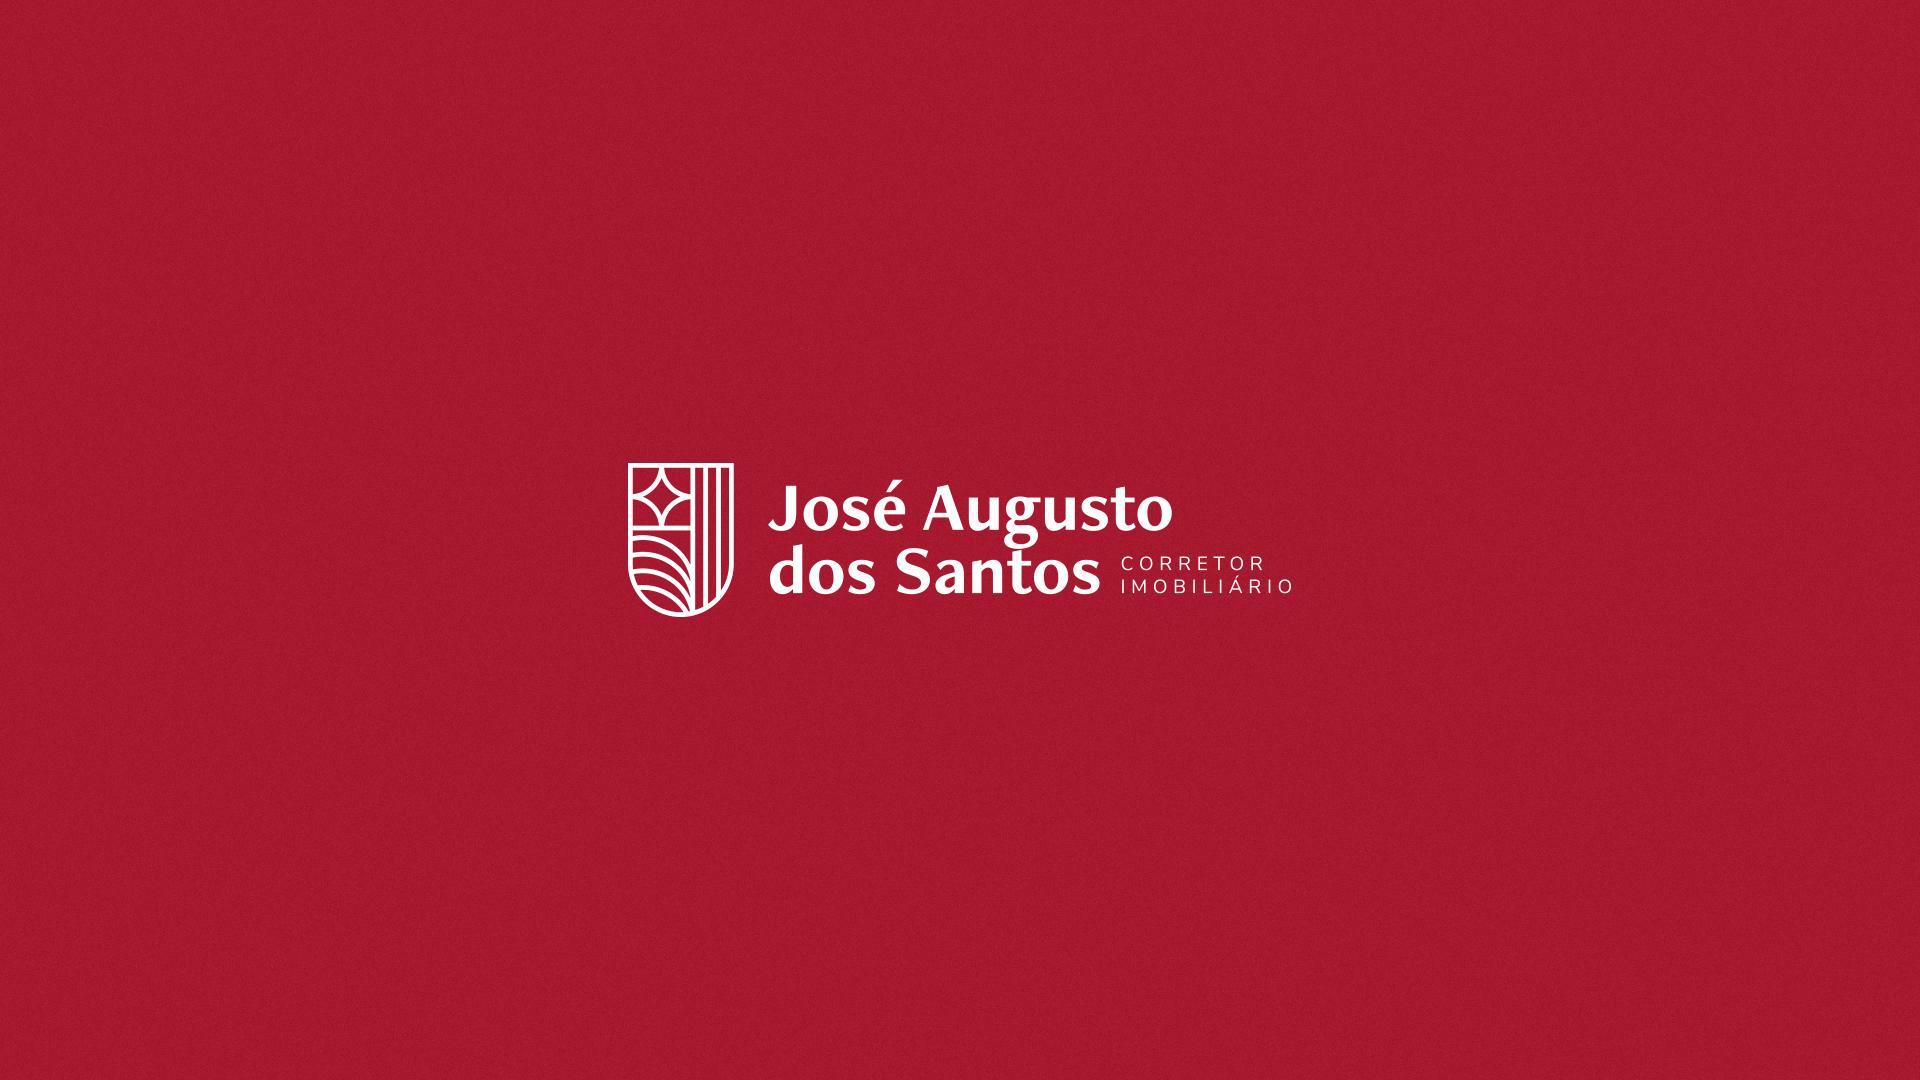 Brand Identity for Realtor José Augusto Dos Santos by André Santos